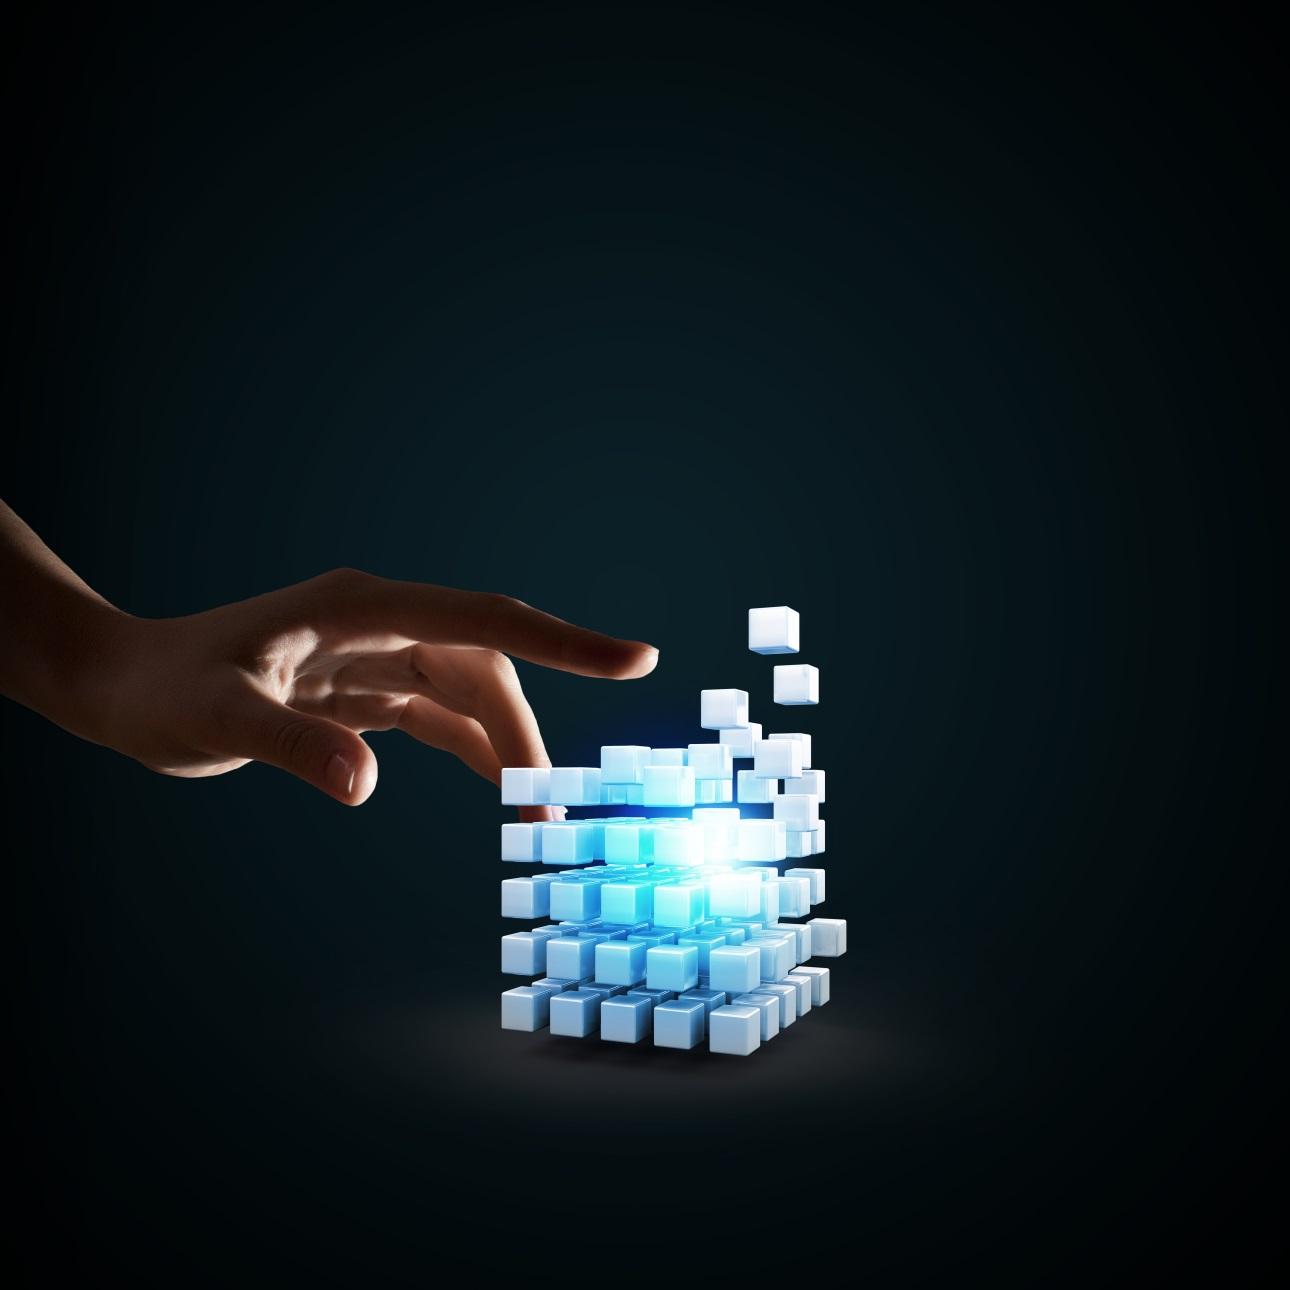 20款立方体方块魔方商务海报设计JPG图片素材 Cube Poster Image插图4